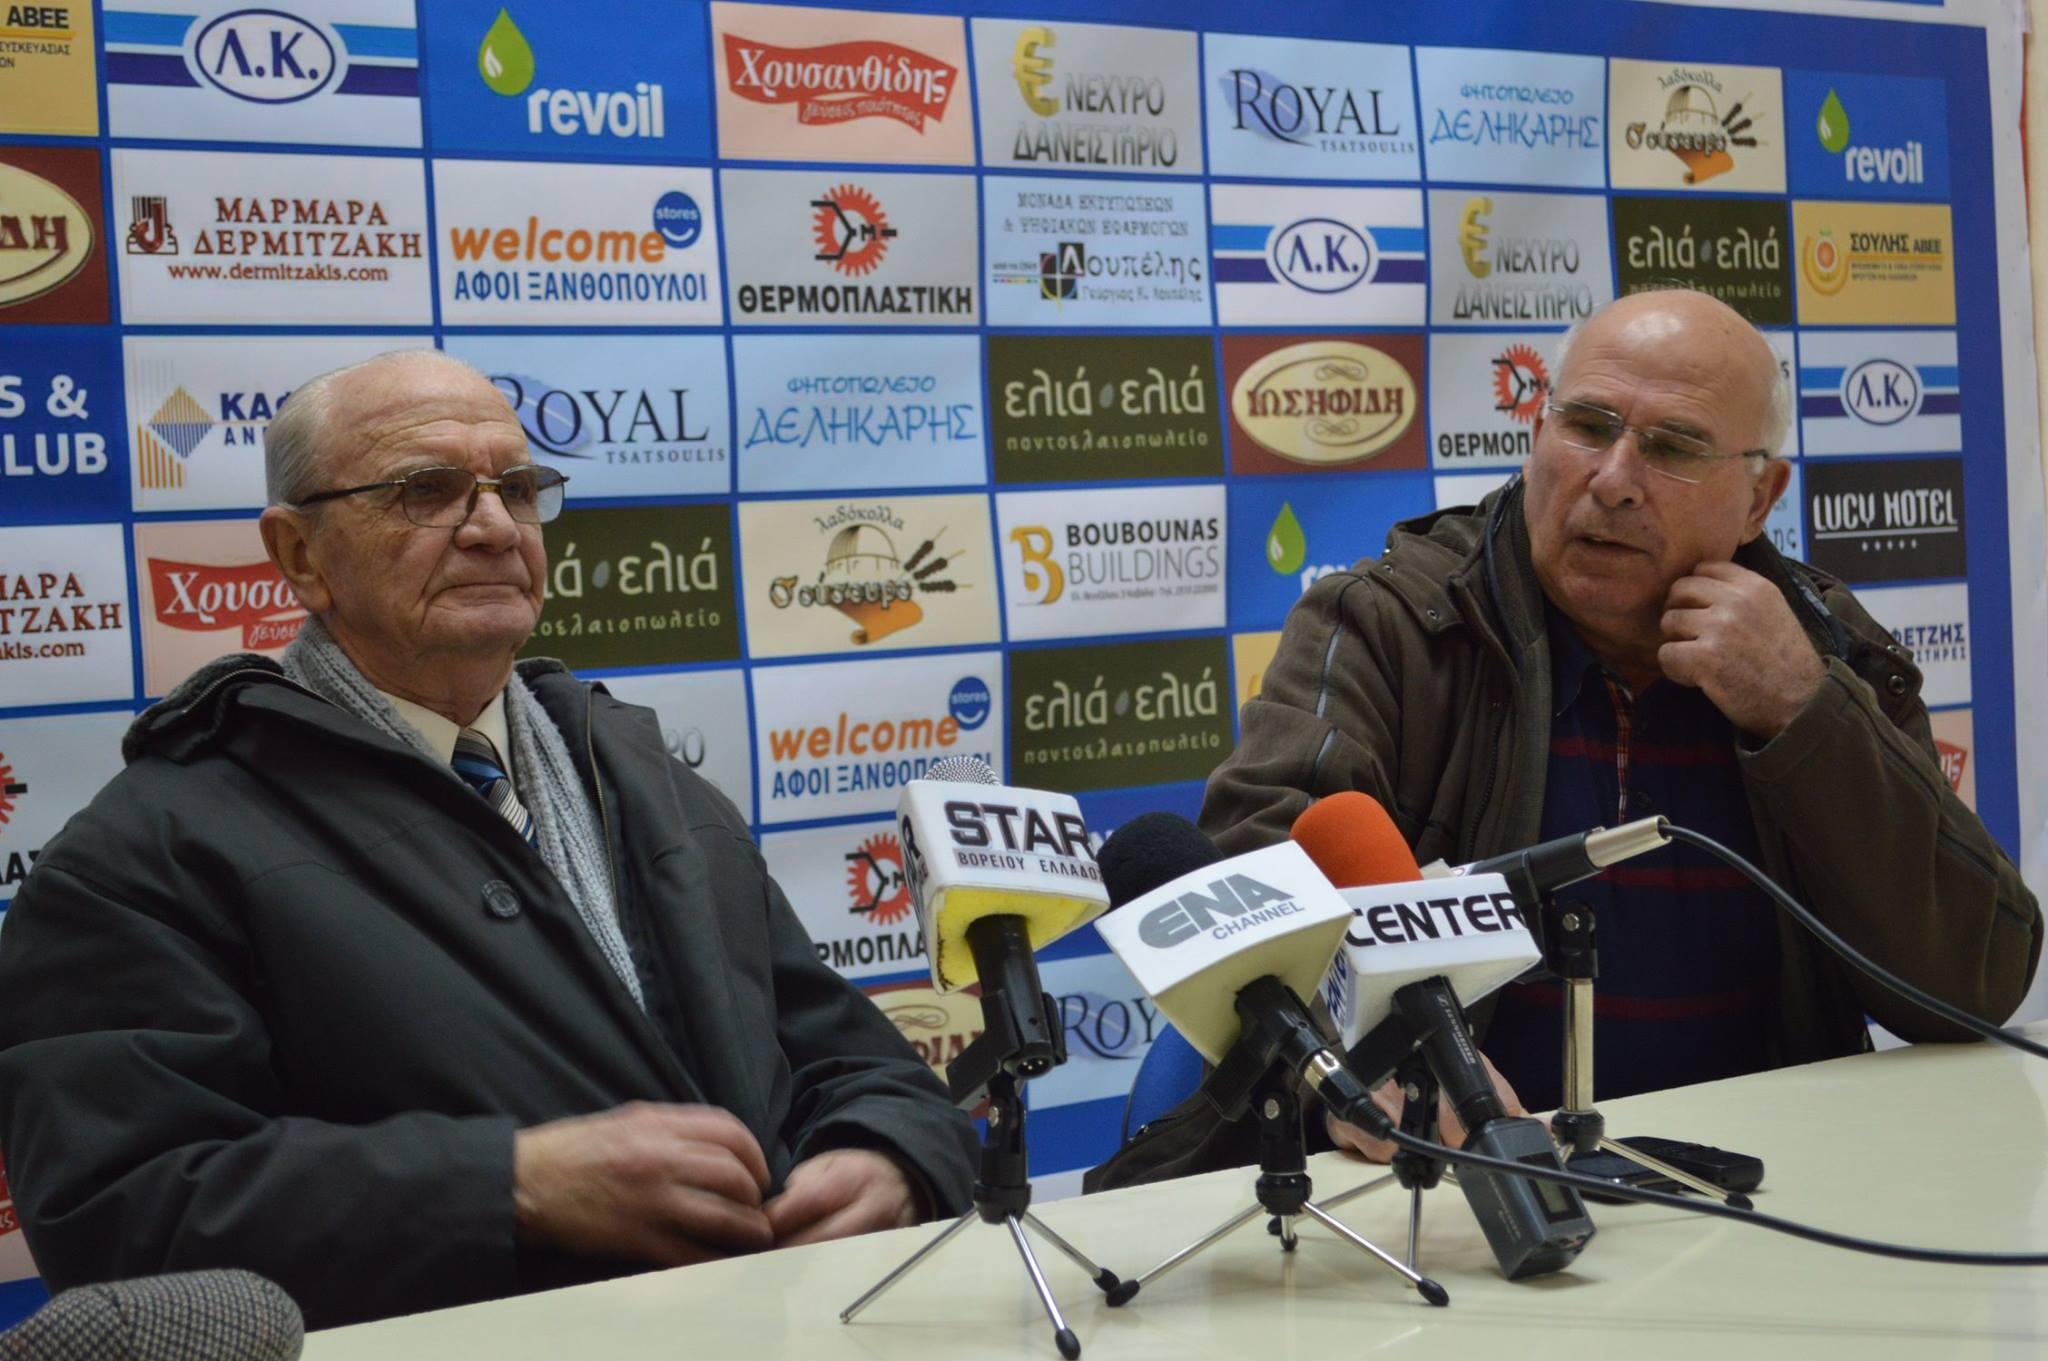 Οι Παύλος Κούντουρας και Σταμάτης Χρυσαφίδης έκαναν έκκληση στους Καβαλιώτες φιλάθλους να στηρίξουν τον Α.Ο.Κ. μέχρι το τέλος για κάνει πράξη το όνειρο της ανόδου στην Football League.